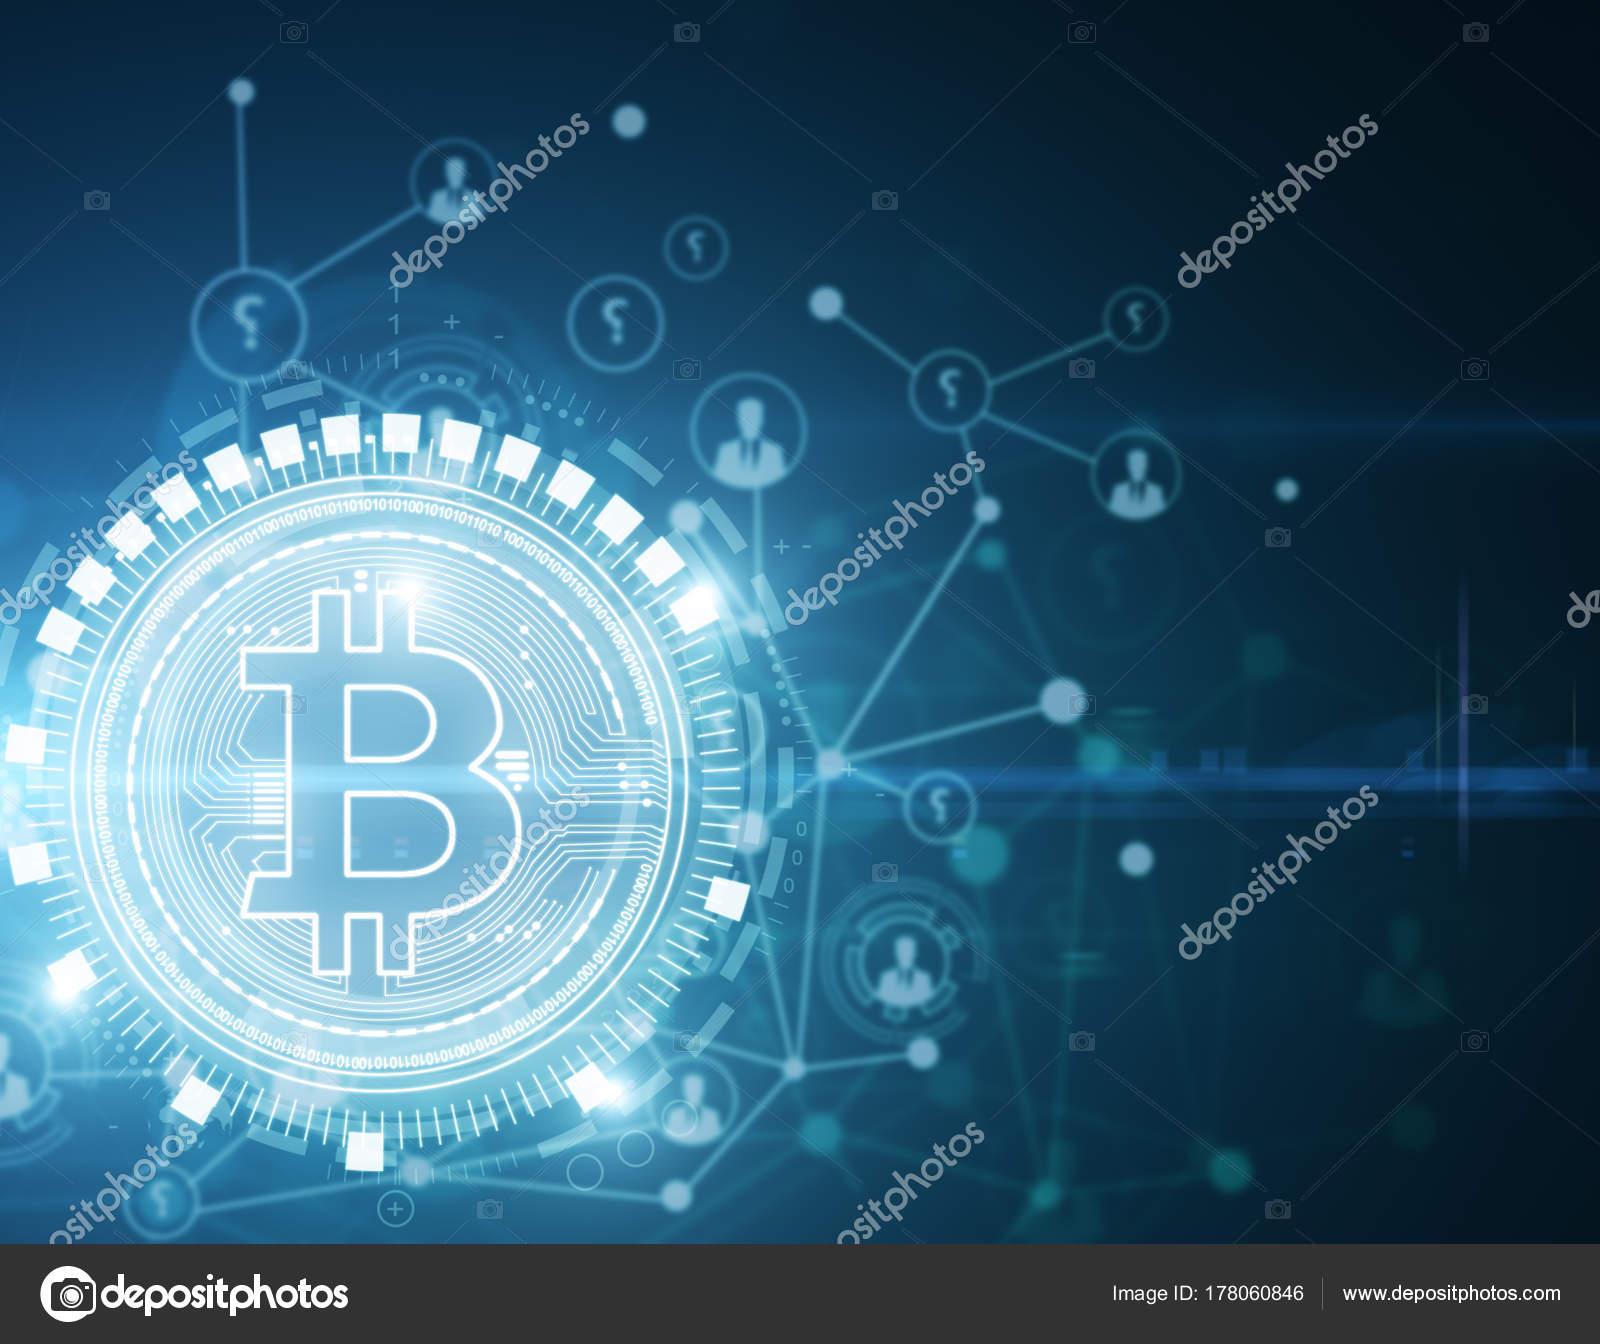 ビット コイン 壁紙 2454934 Hd Wallpaper Backgrounds Download